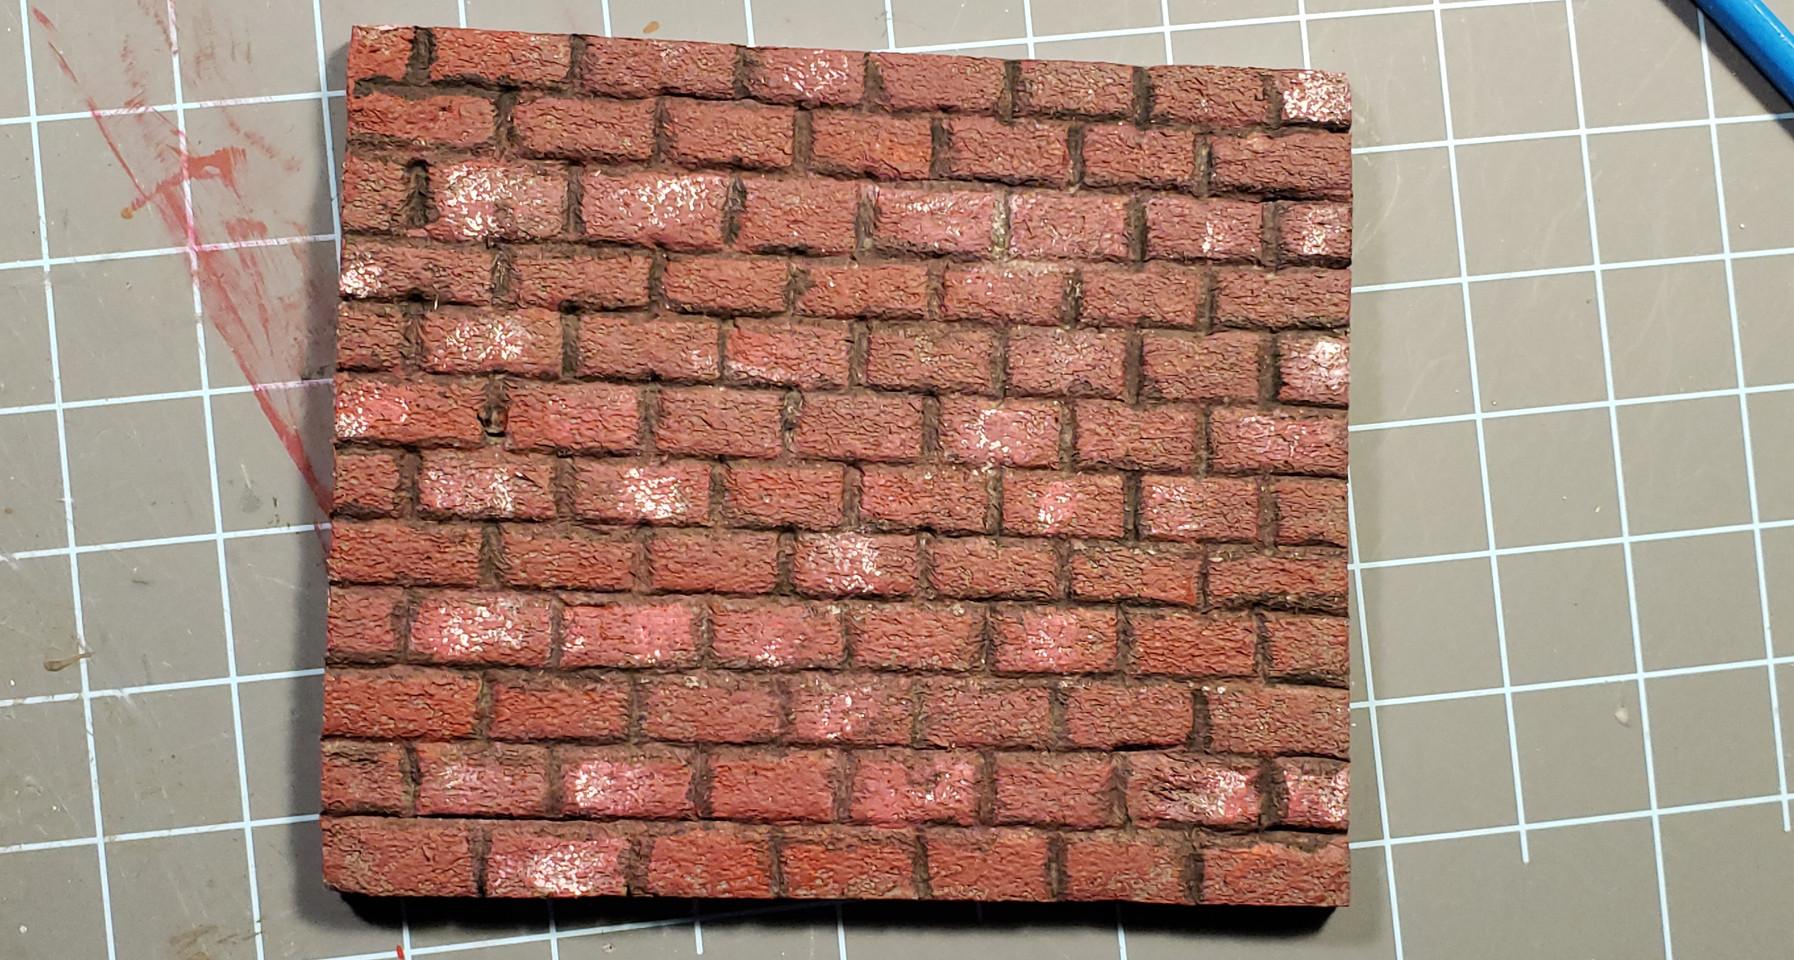 SC-Brickwall Closeup 2.jpg